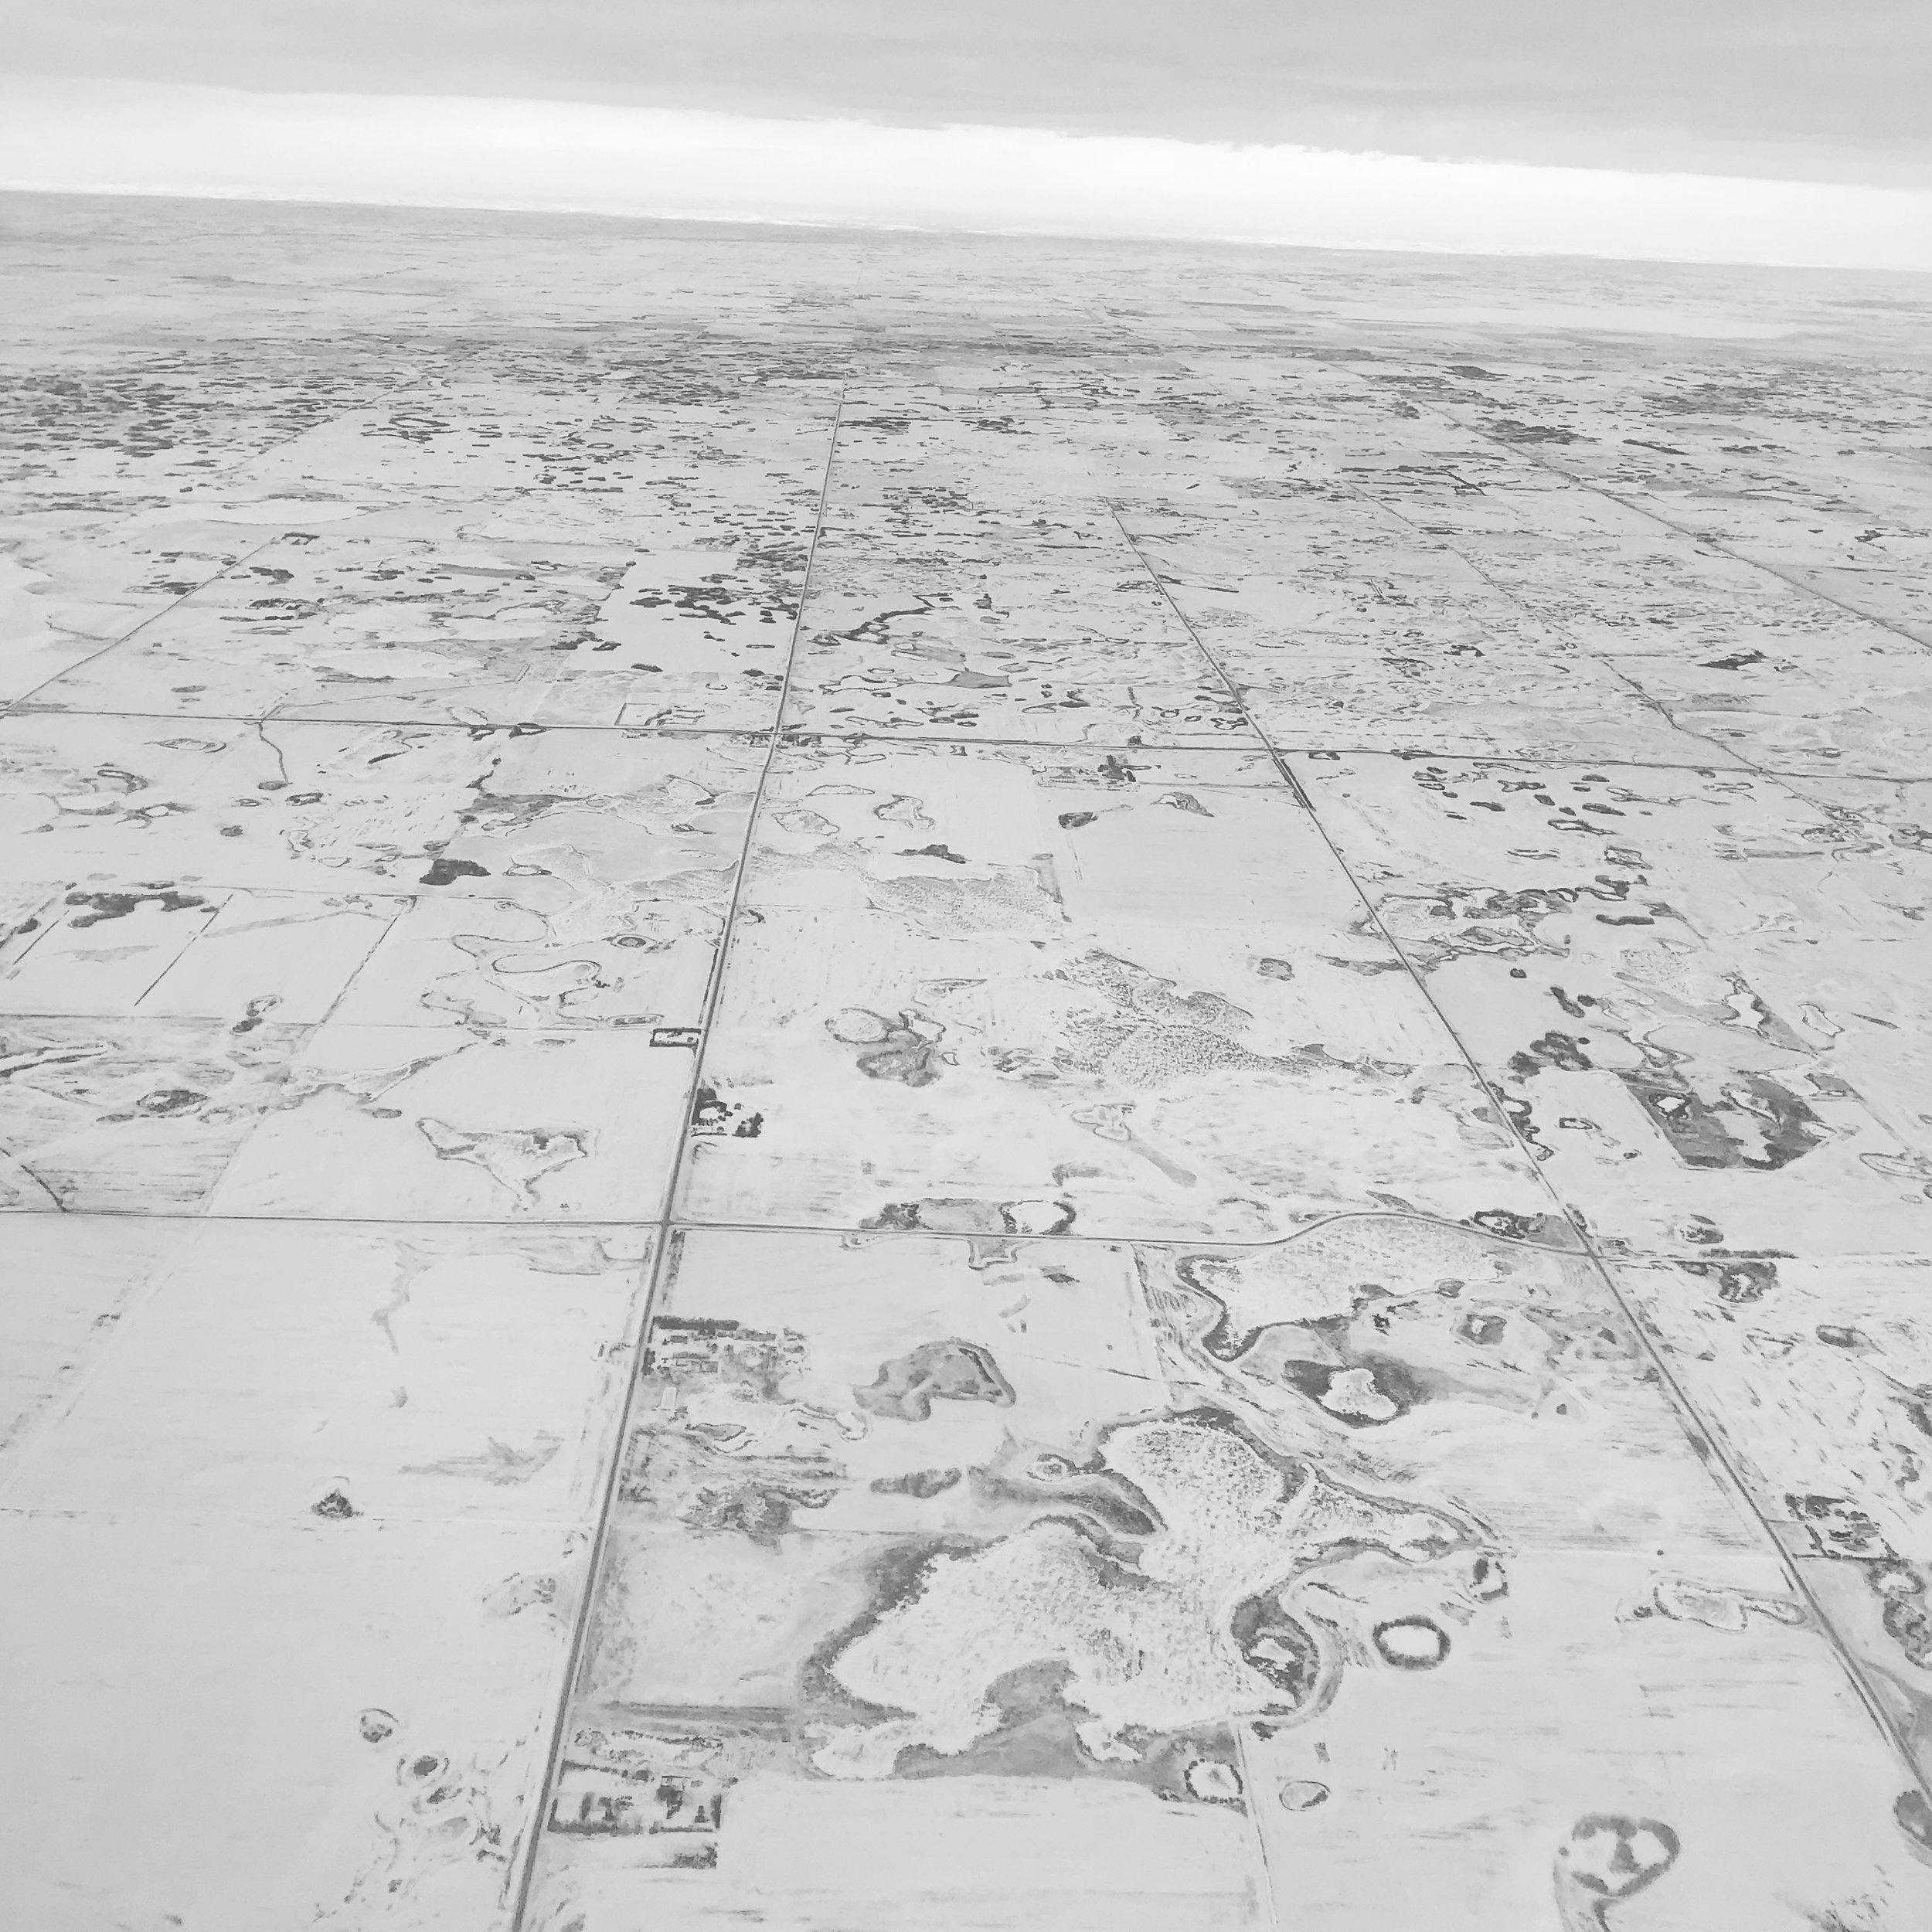 Flying over Saskatoon, SK.